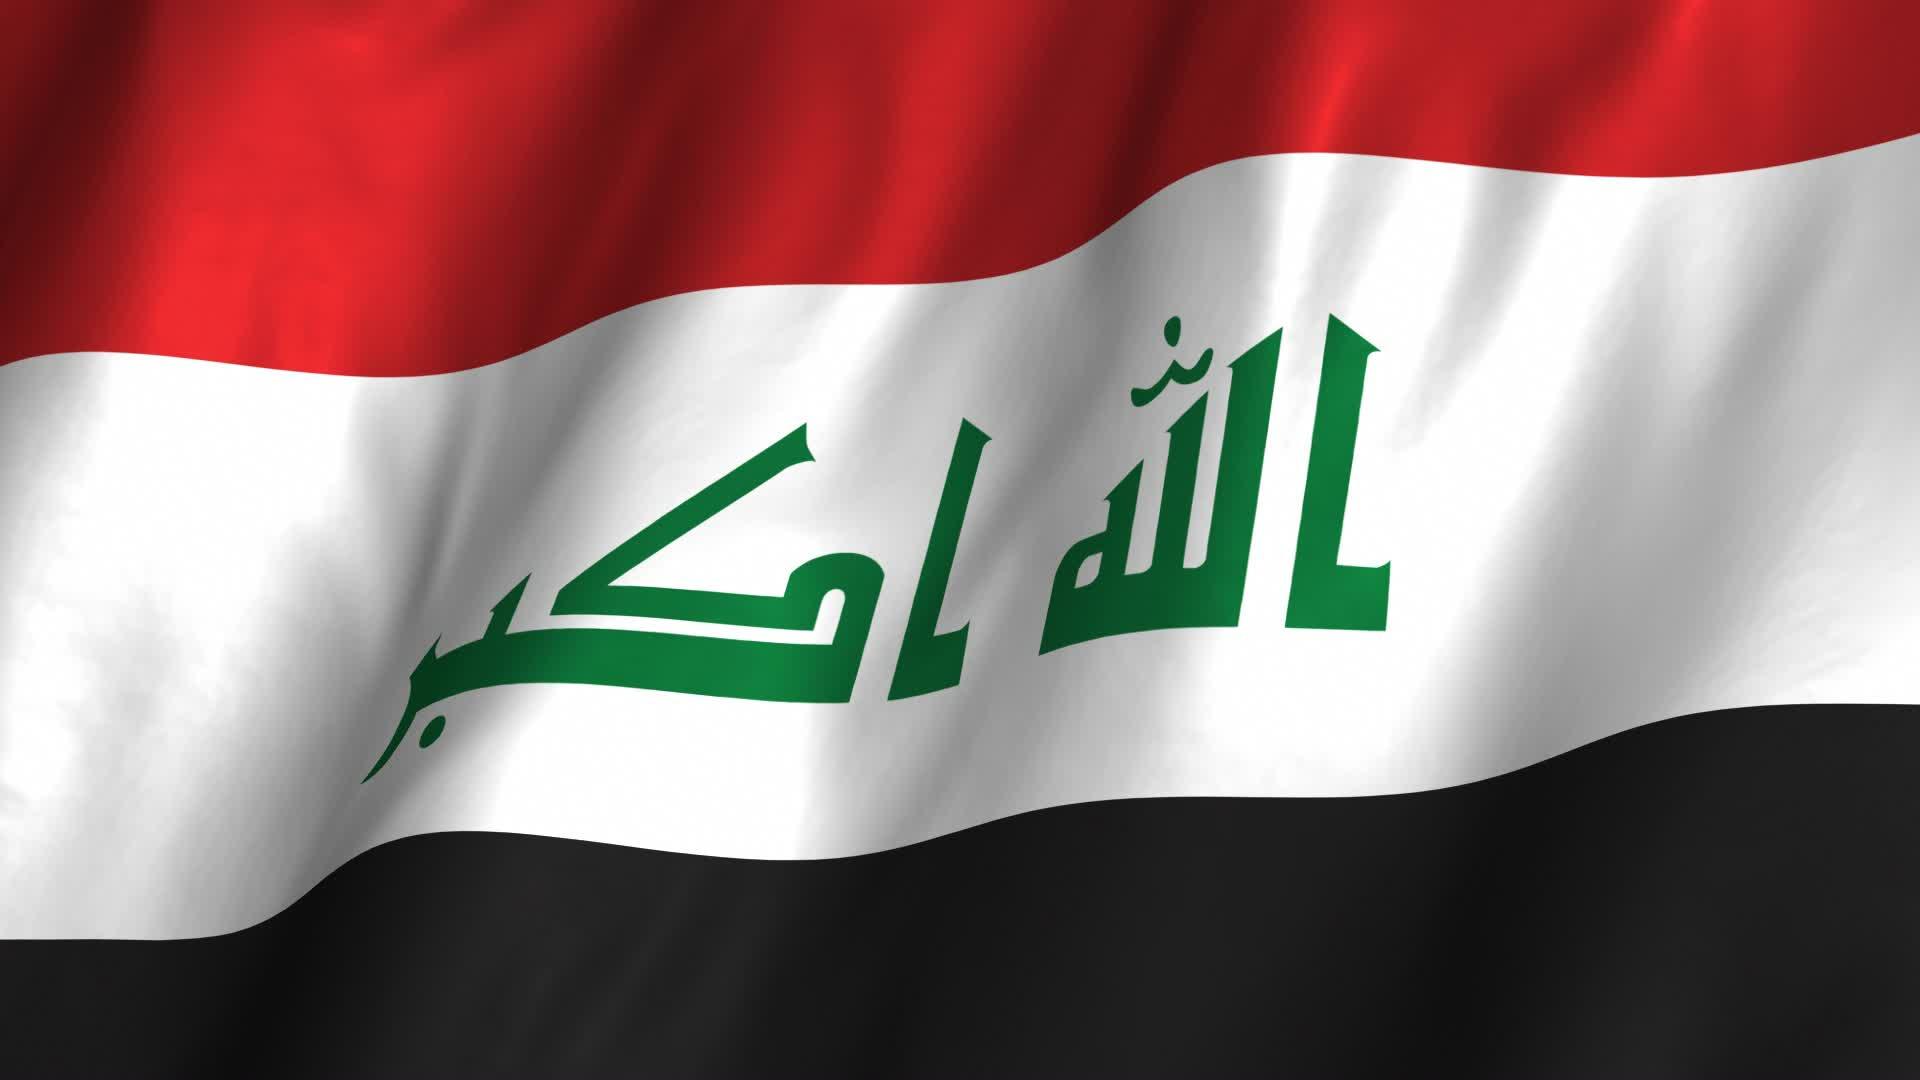 توجيه بعزف النشيد الوطني العراقي